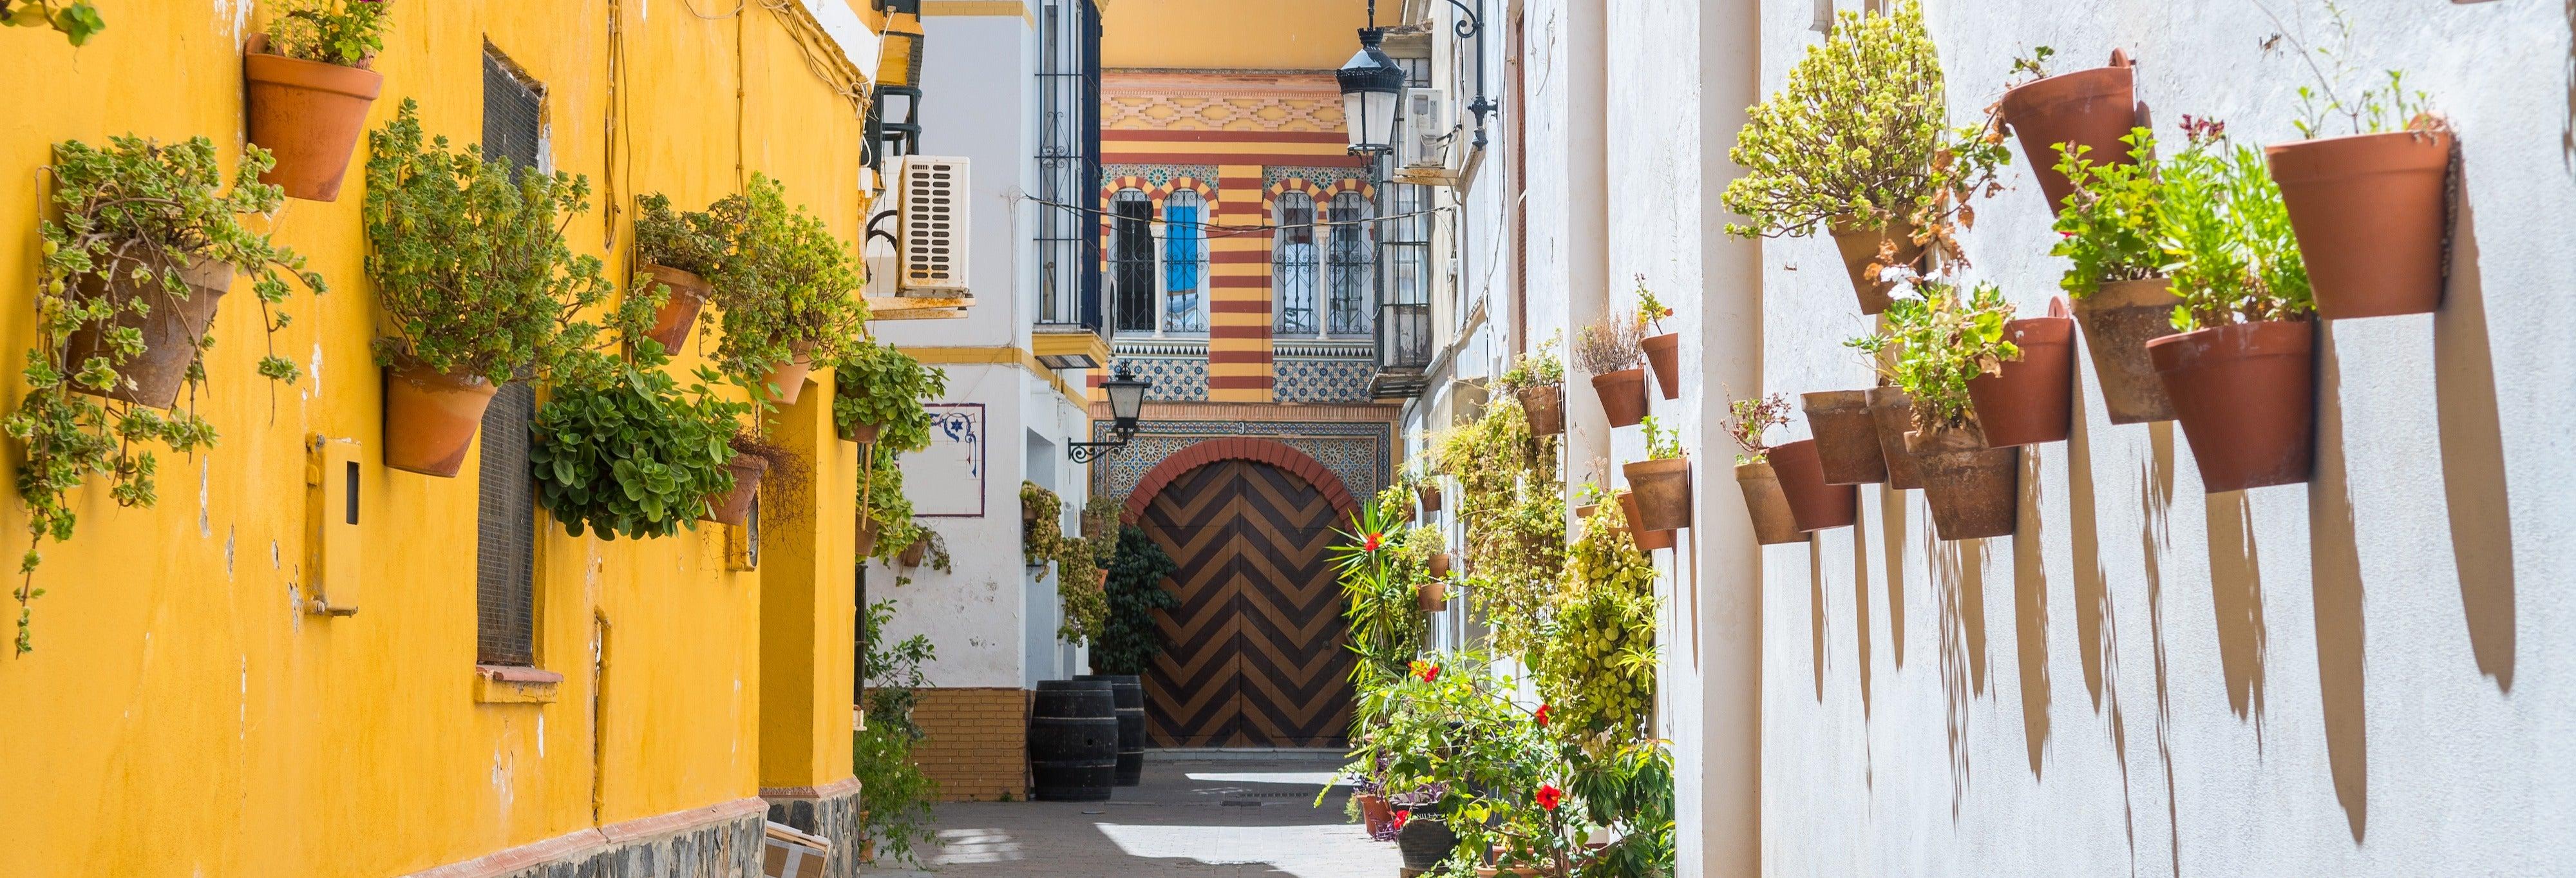 Excursão a Sanlúcar e Doñana